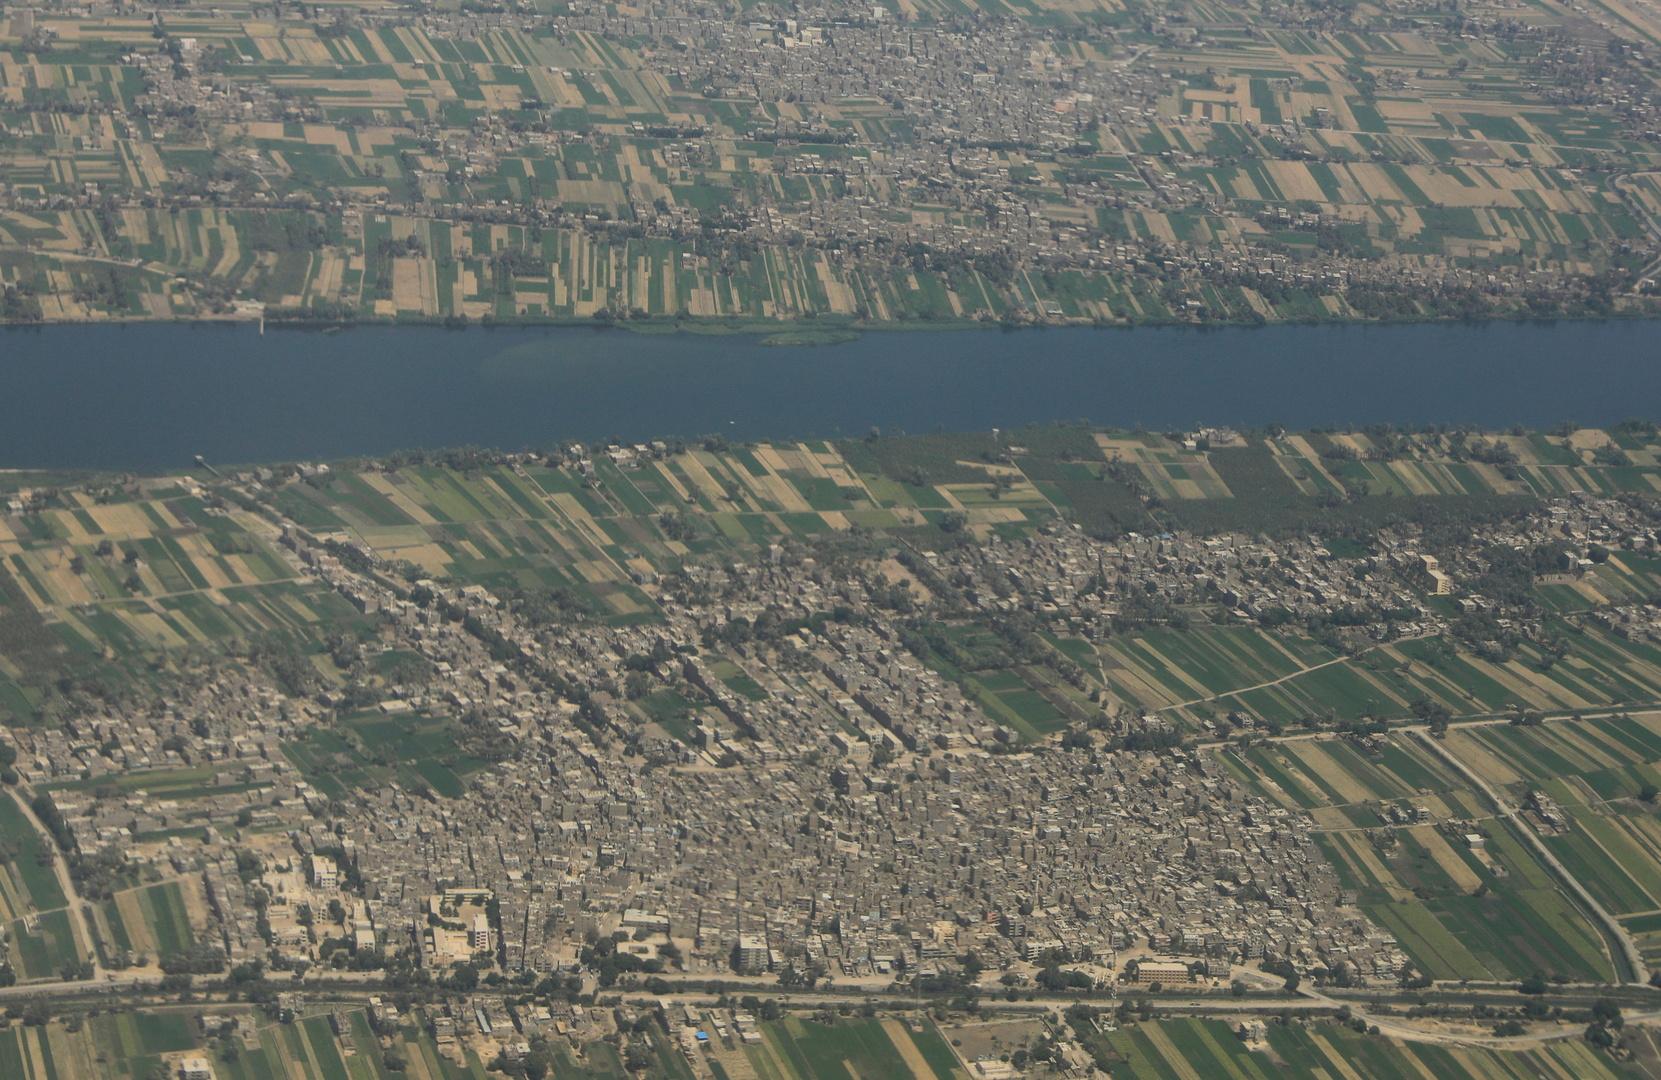 السودان يؤكد تسلمه نسخة من اتفاق جزئي حول سد النهضة ويوضح شروط الخرطوم